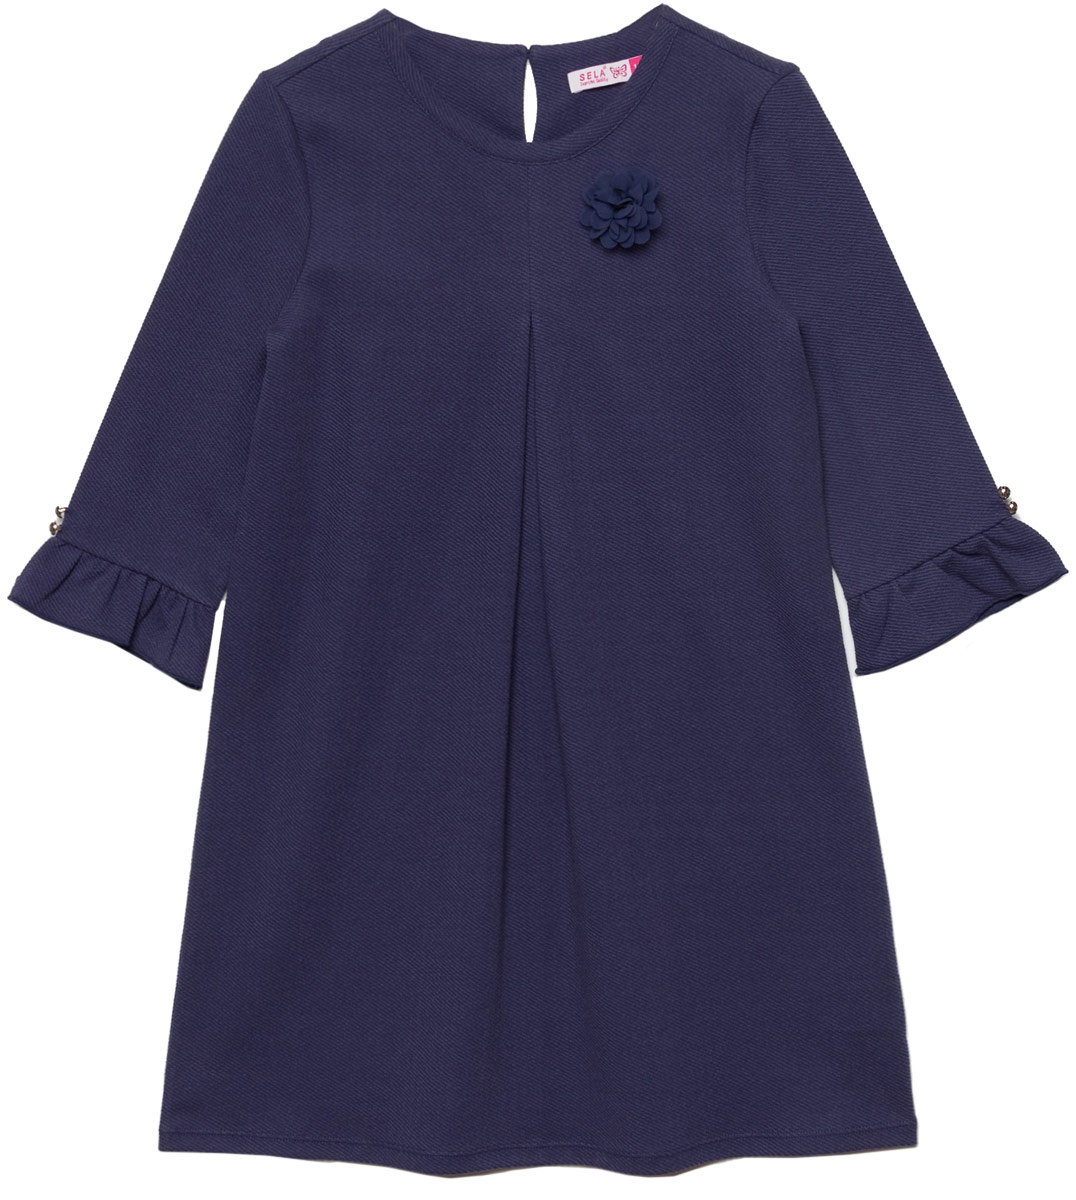 Платье для девочки Sela, цвет: кобальтовый. DK-617/885-8110. Размер 146DK-617/885-8110Платье для девочки Sela выполнено из качественного материала. Модель с круглым вырезом горловины сзади застегивается на пуговицу.